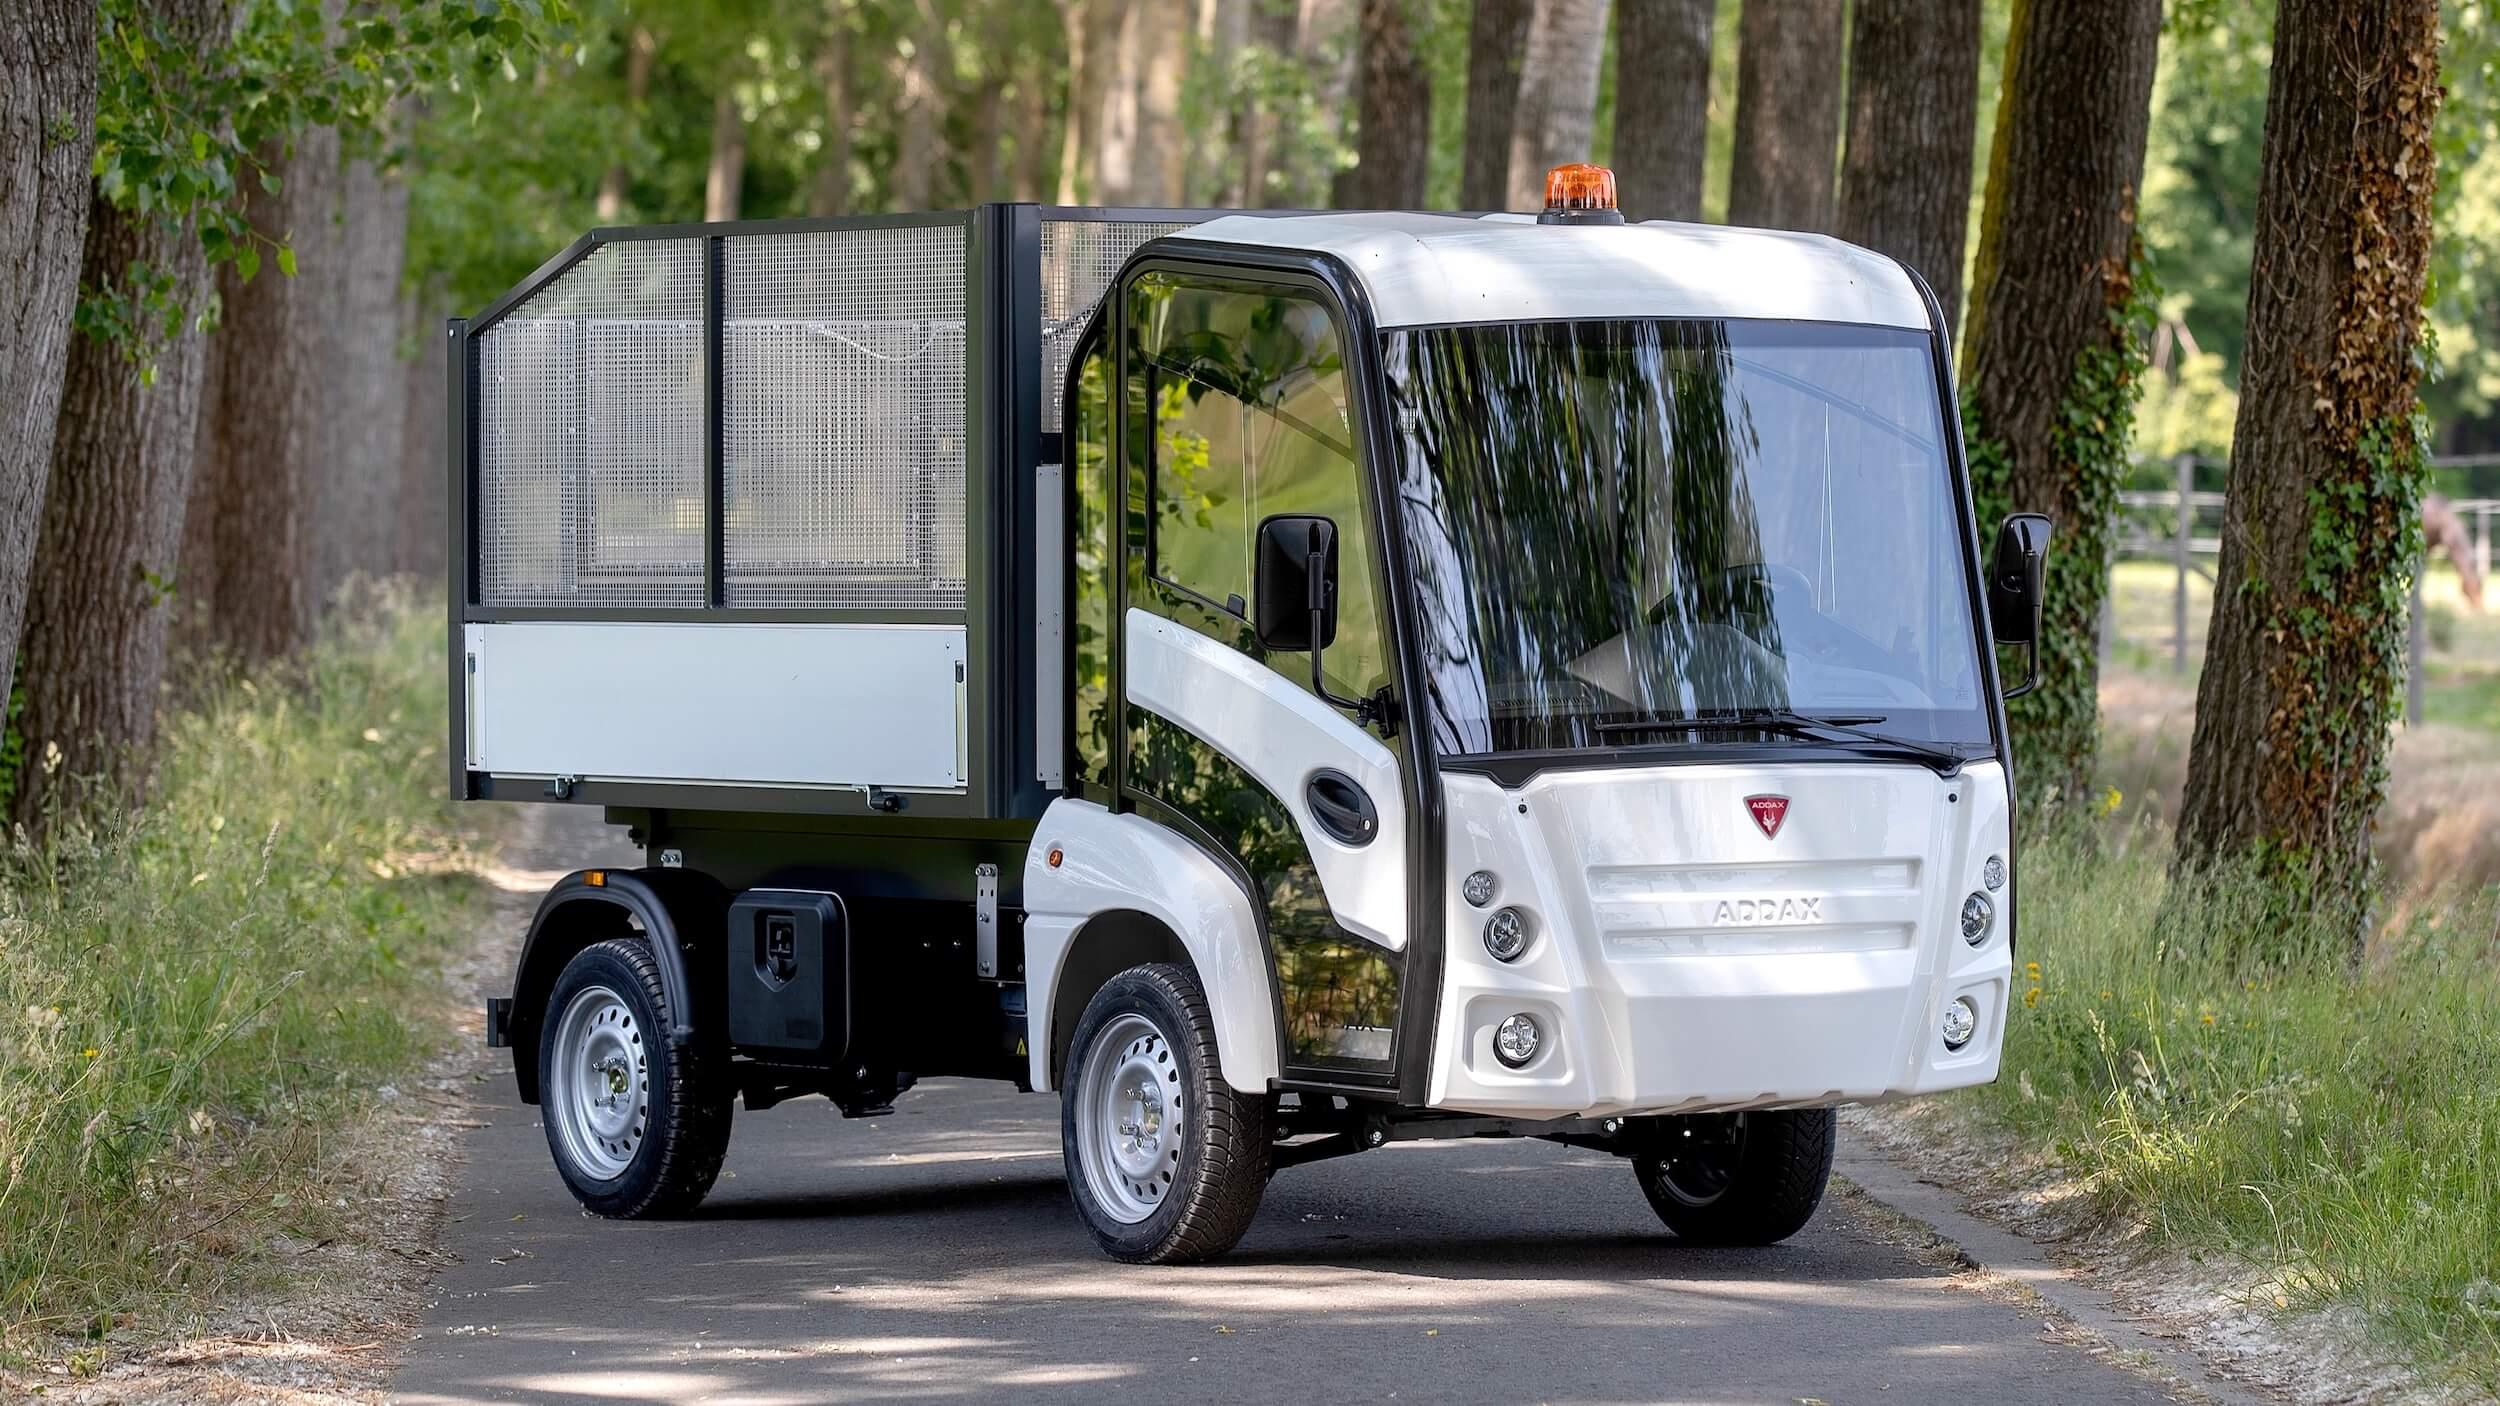 Addax elektrische bestelwagen